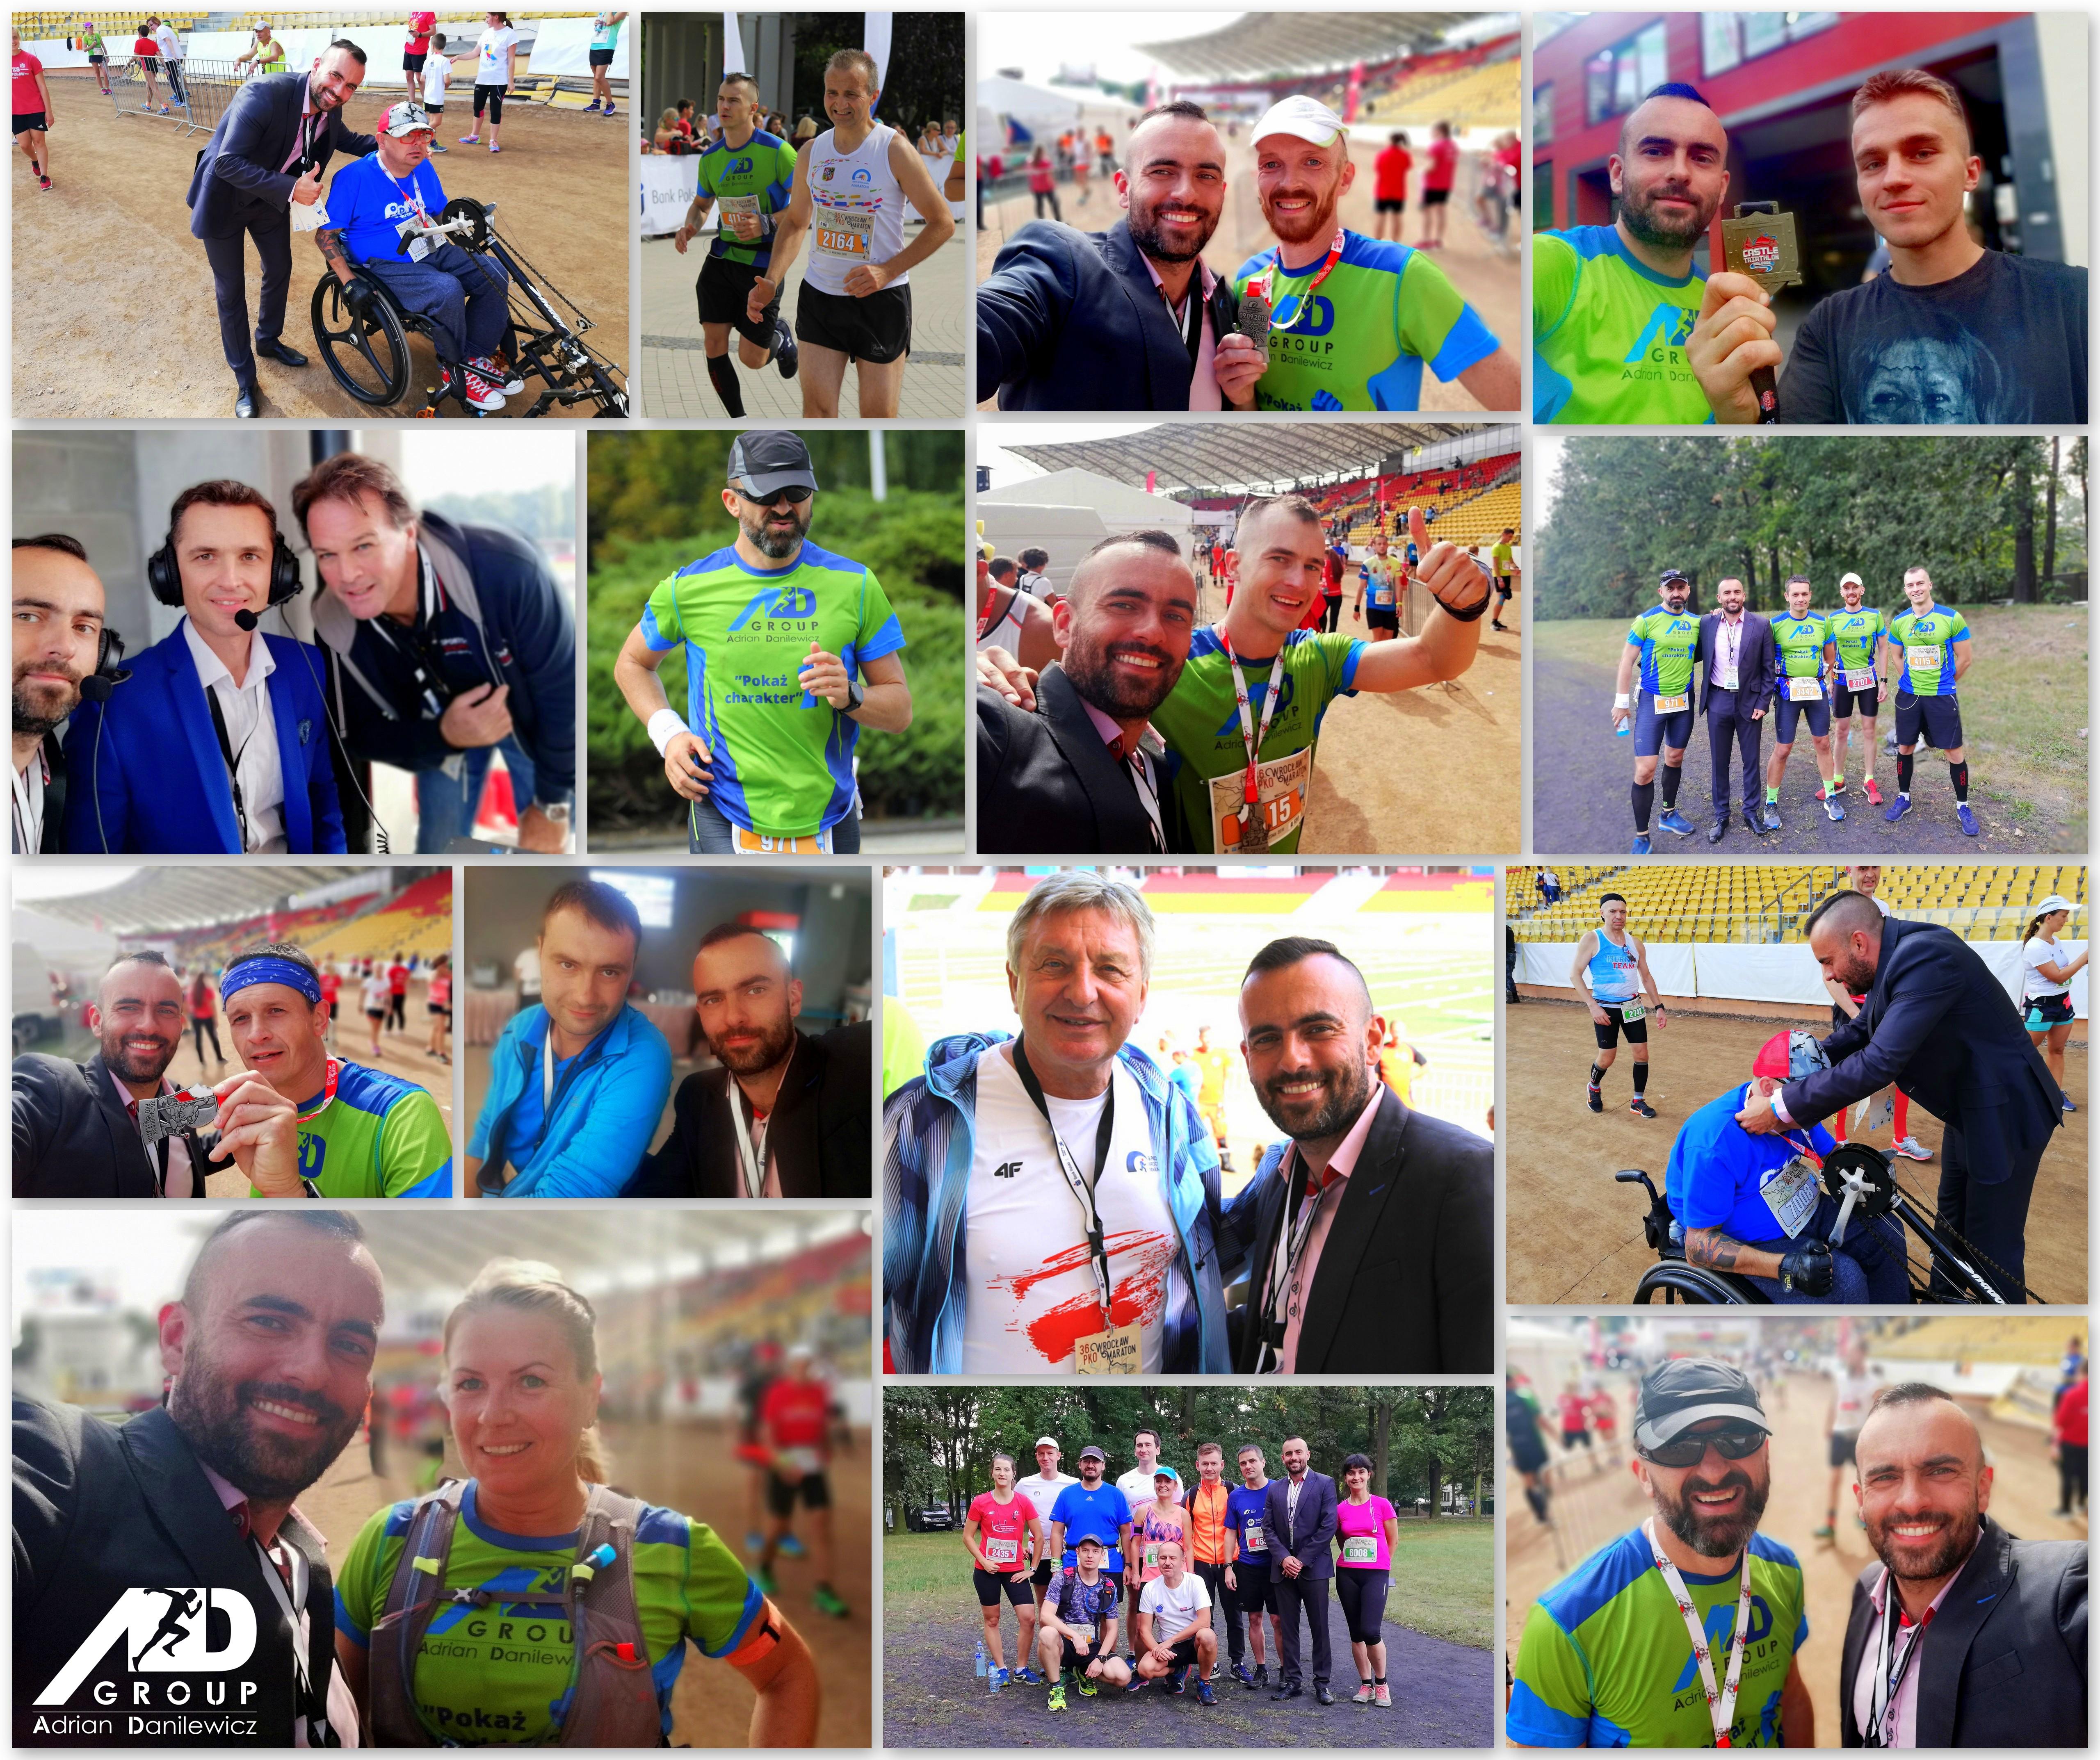 AD Group Wroclaw Marathon